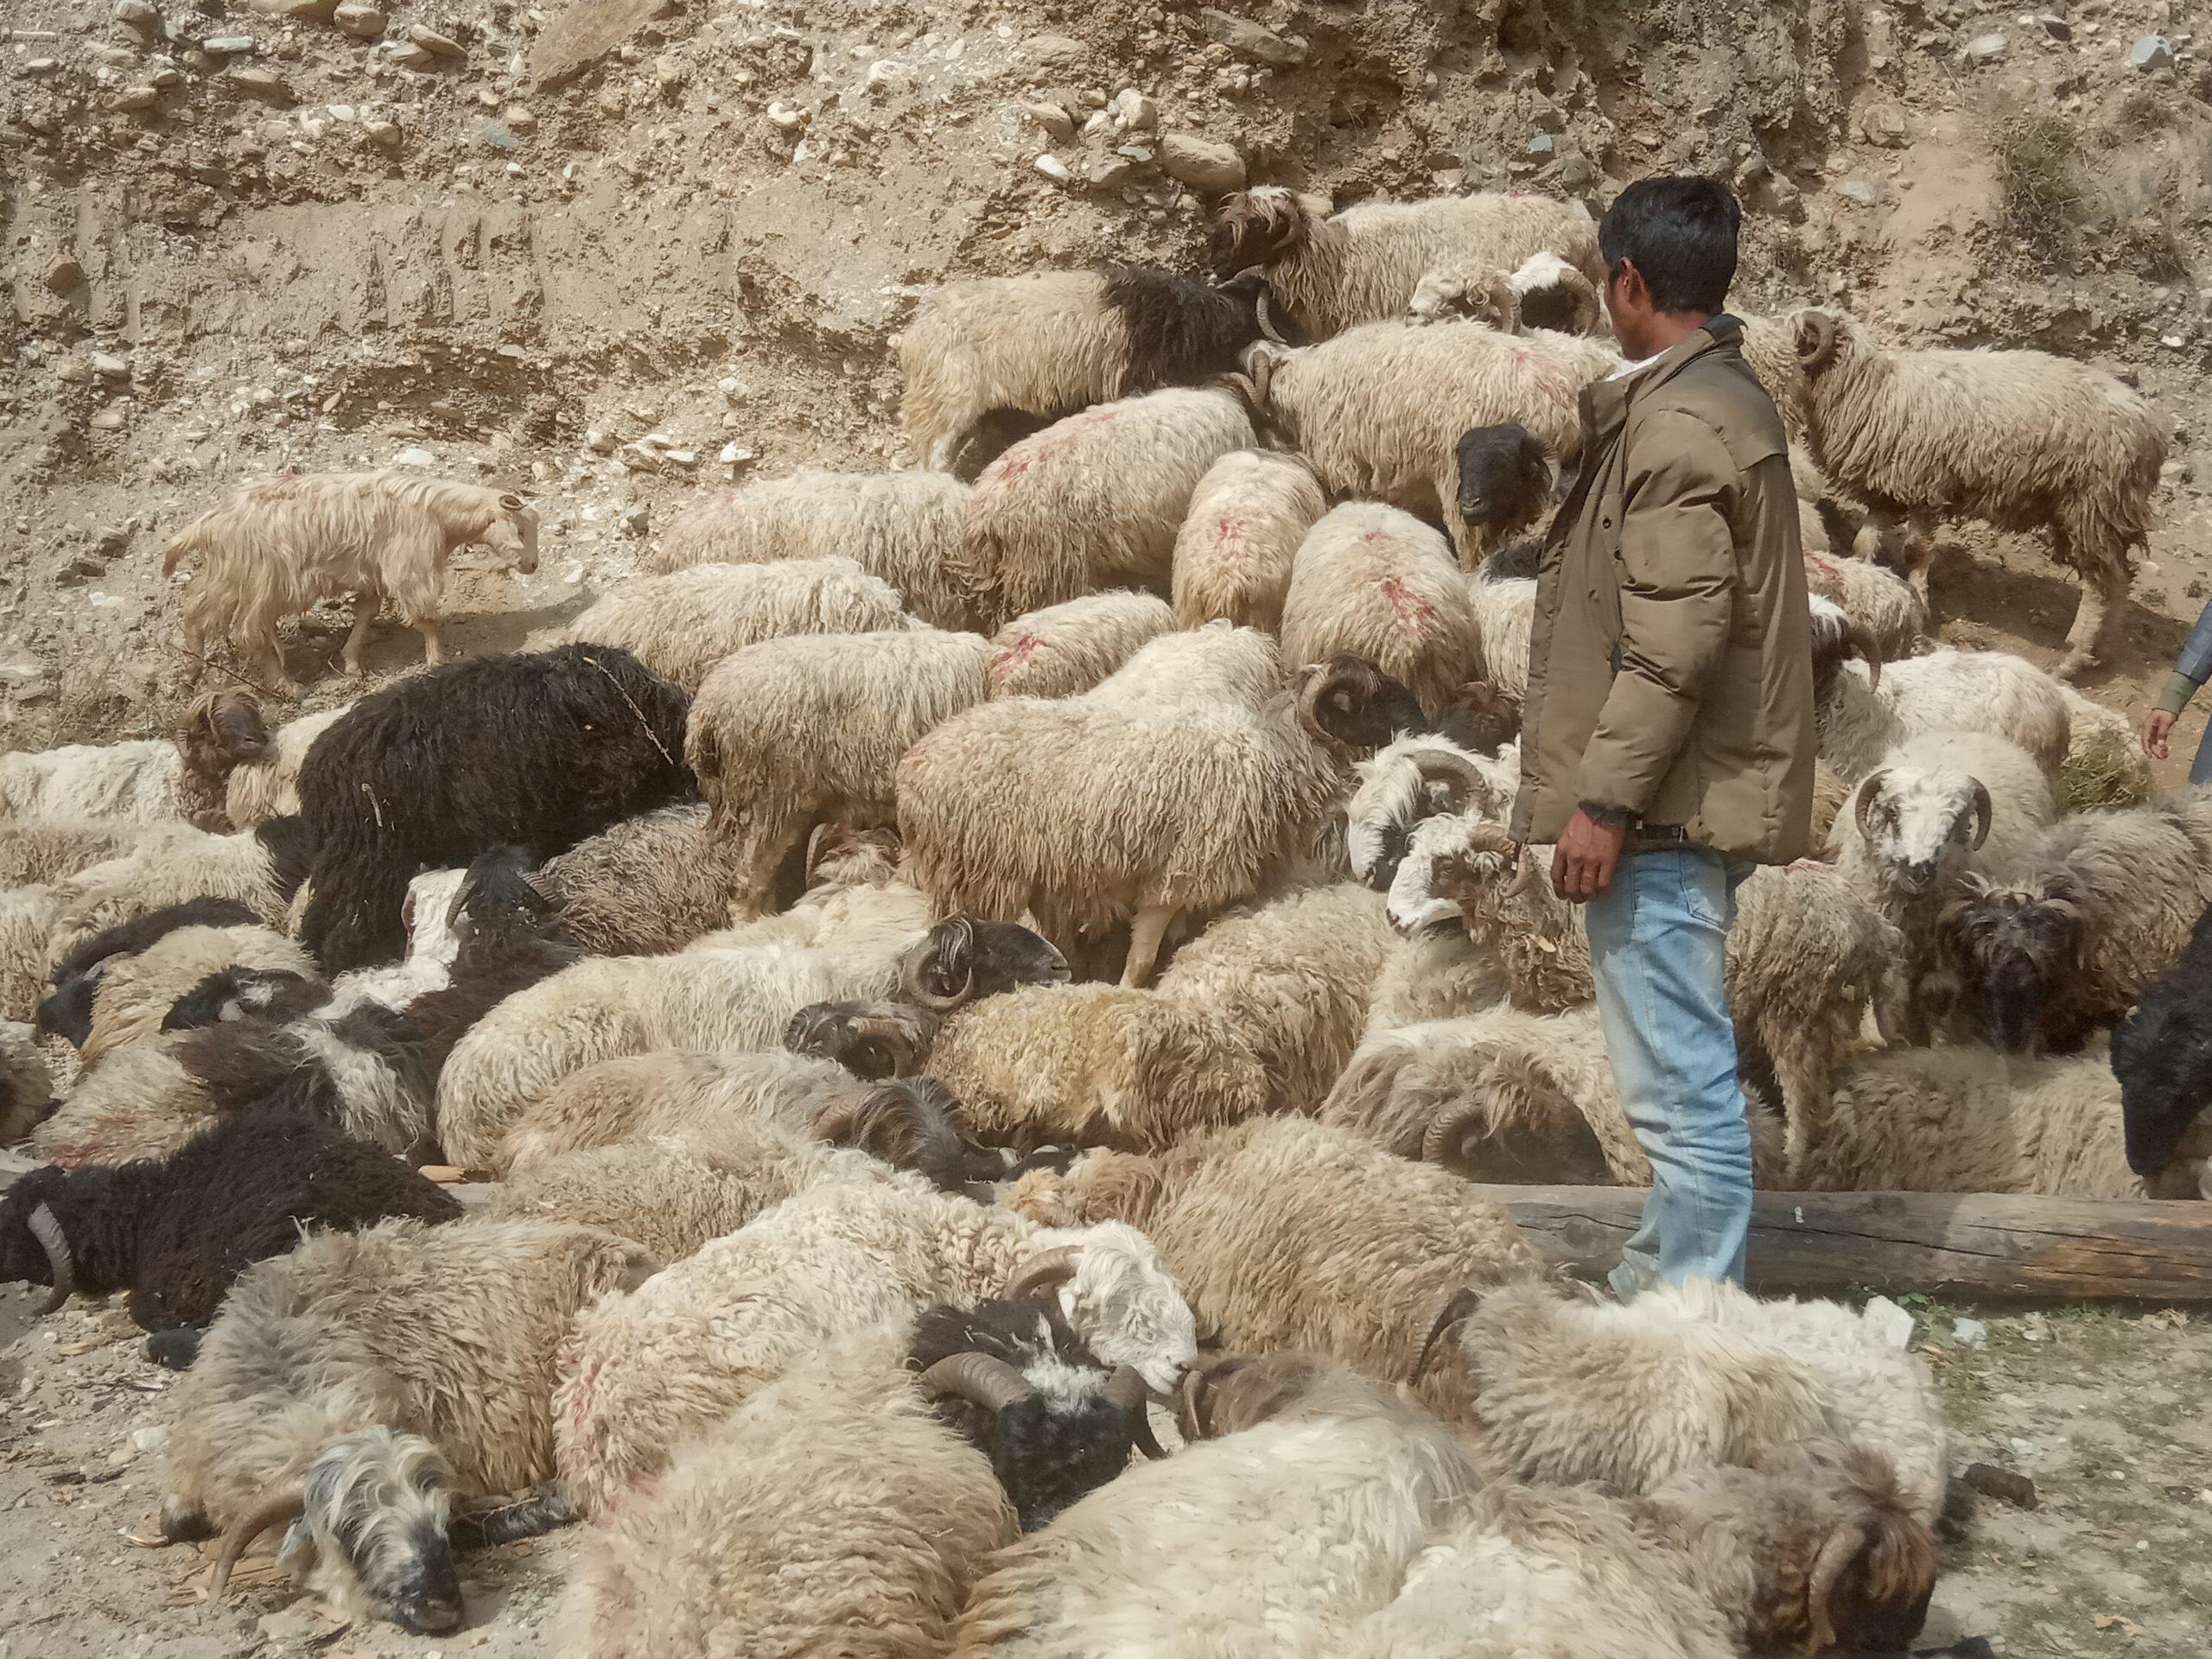 यसवर्ष दसैँका लागी जुम्लामा भित्रिएका एउटै भेडाको मूल्य ४५ हजार सम्म